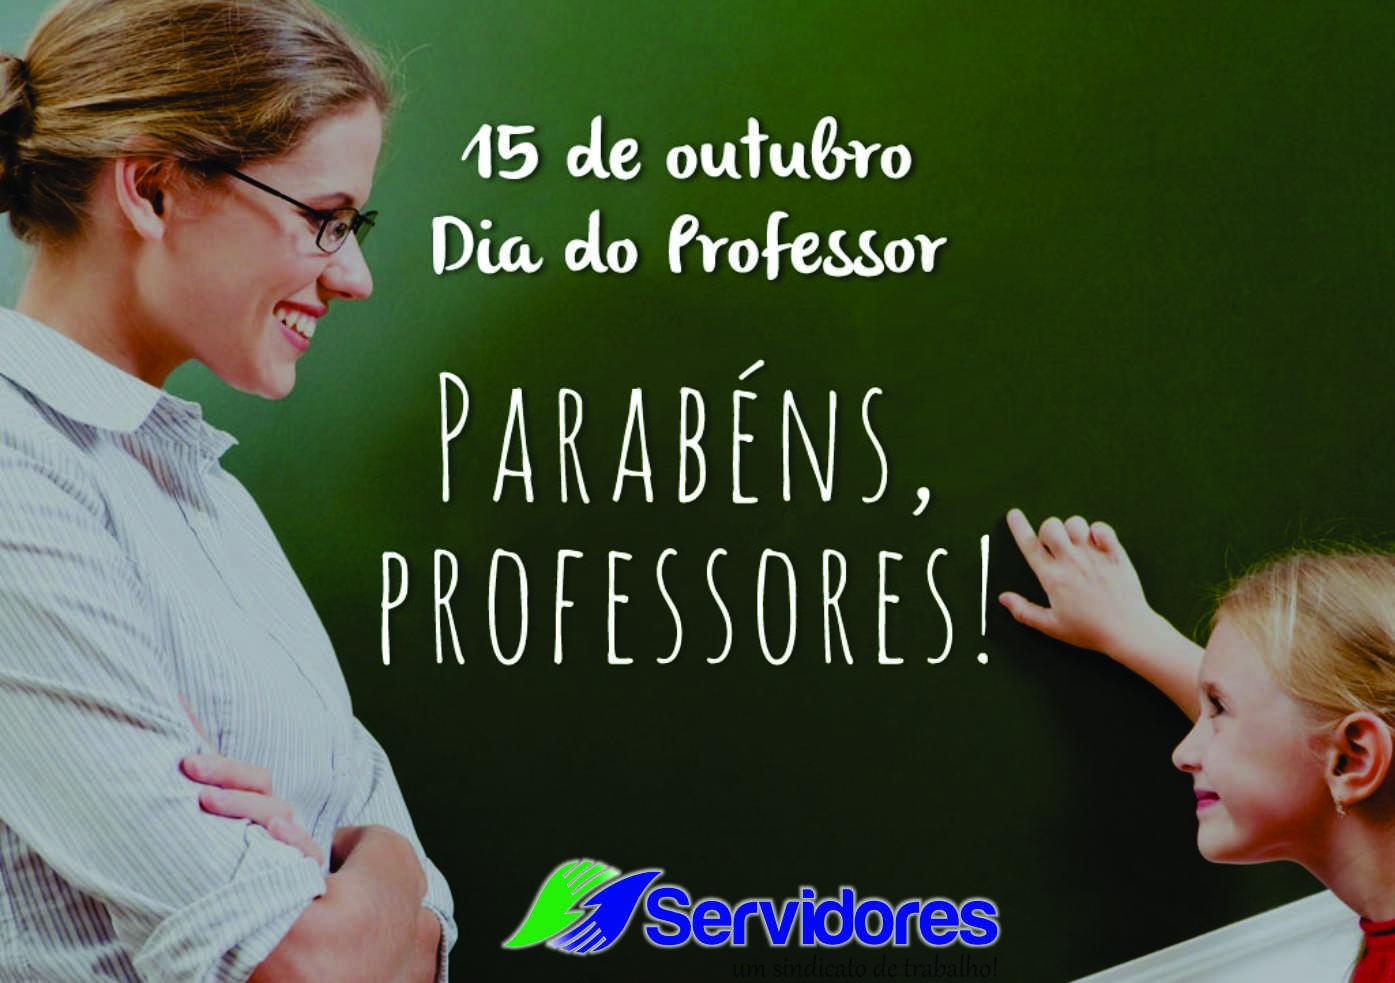 frases-do-dia-do-professor-7